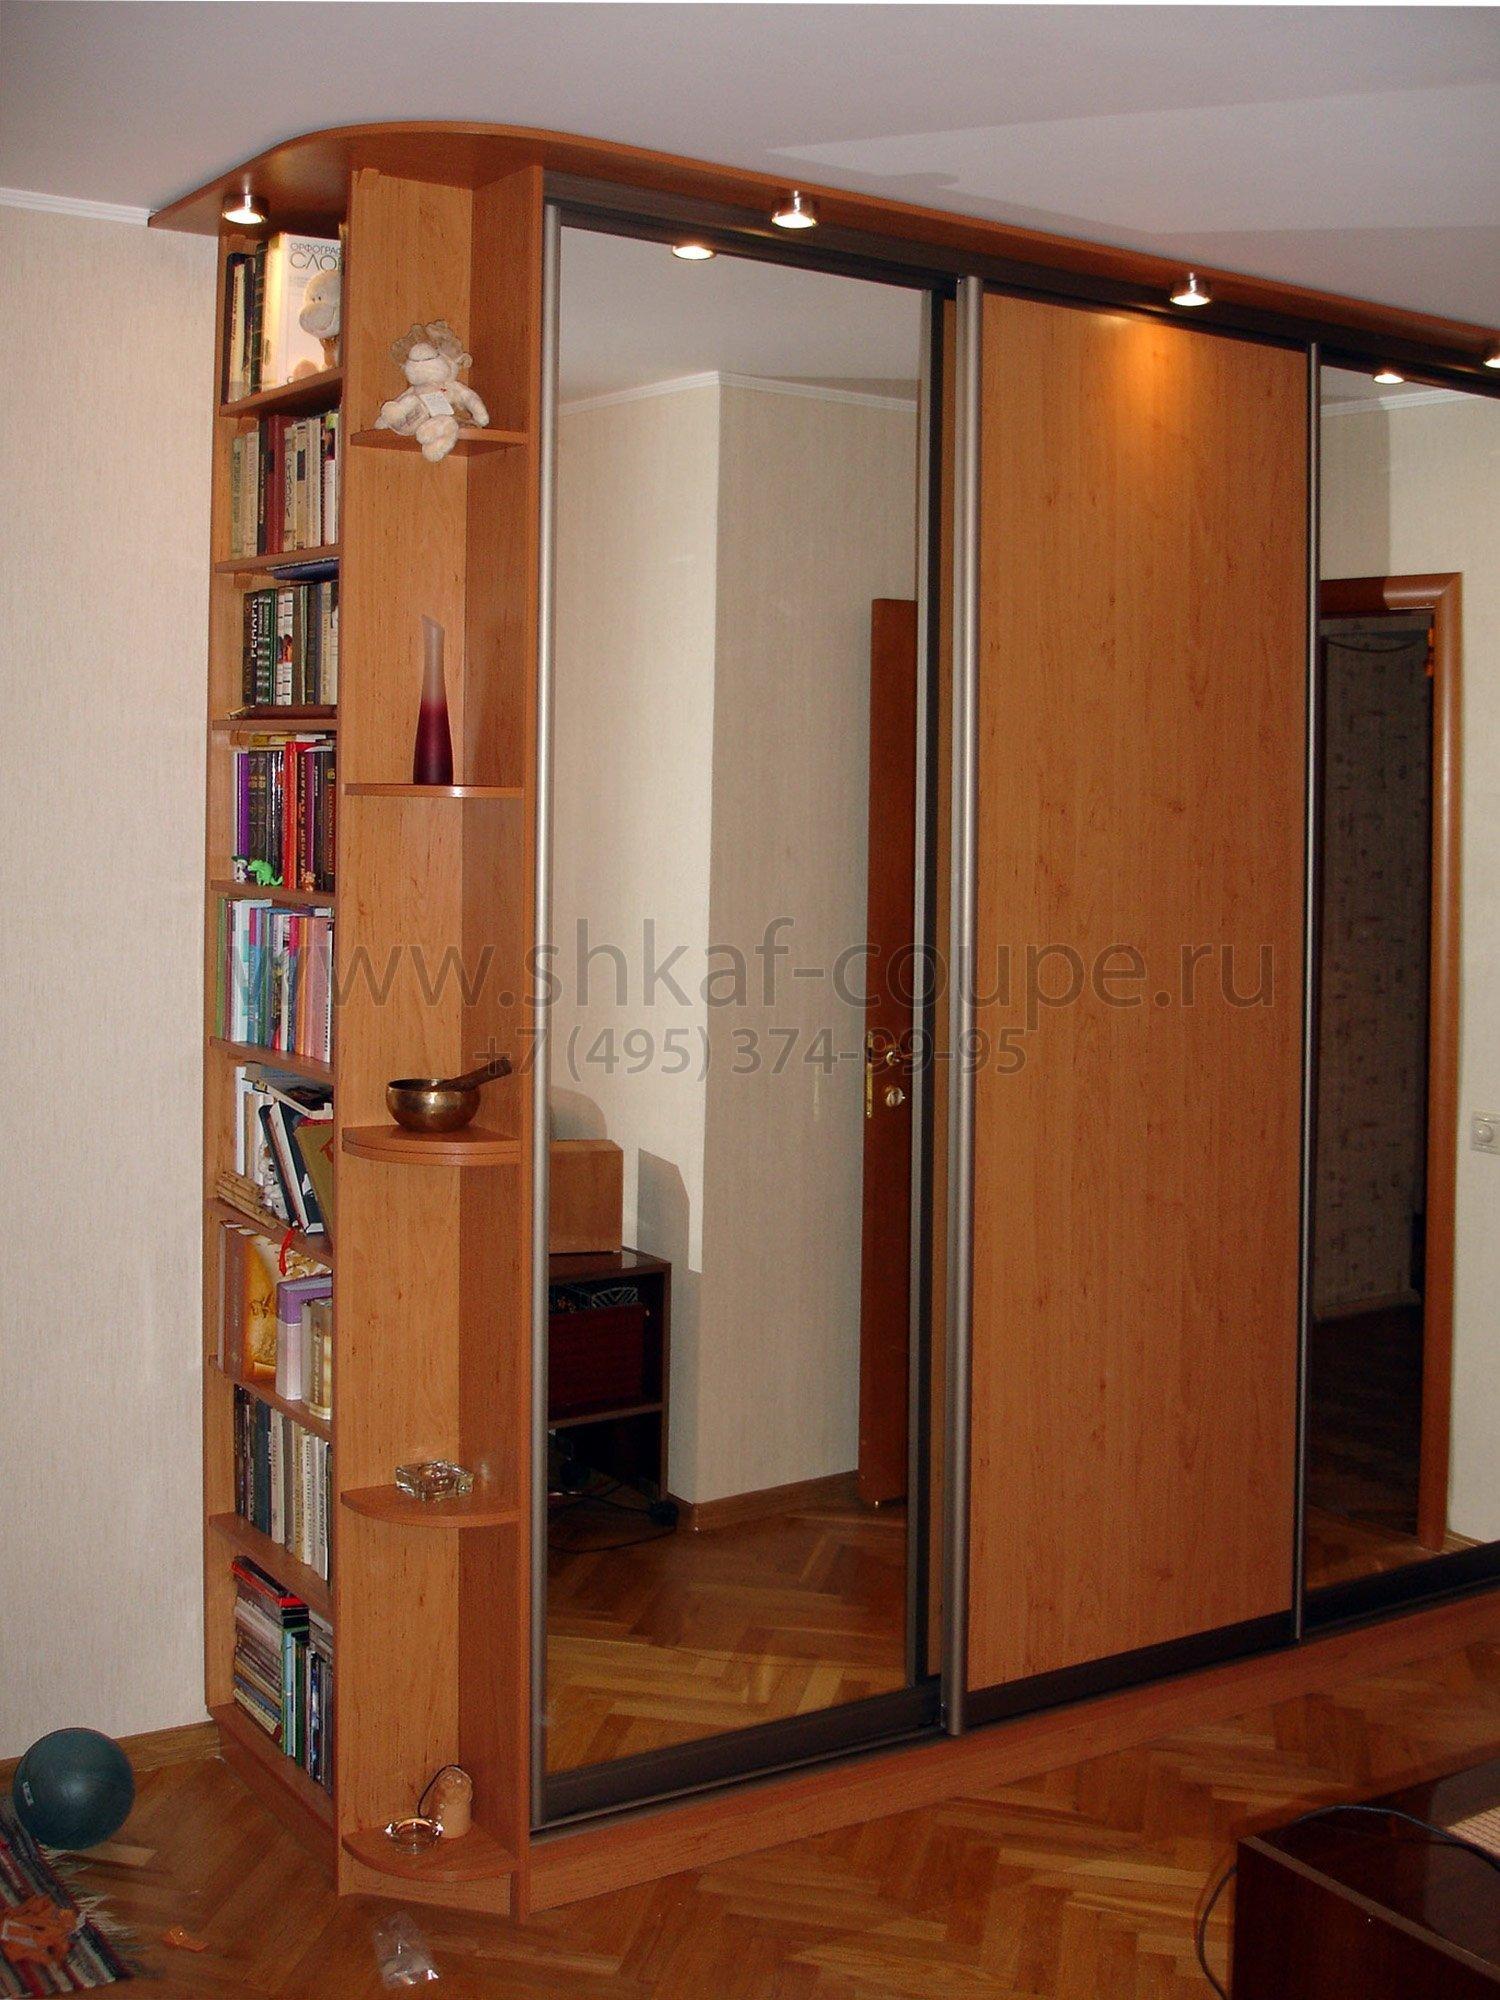 Дизайн шкафа-купе в спальню форум о дизайне интерьера.